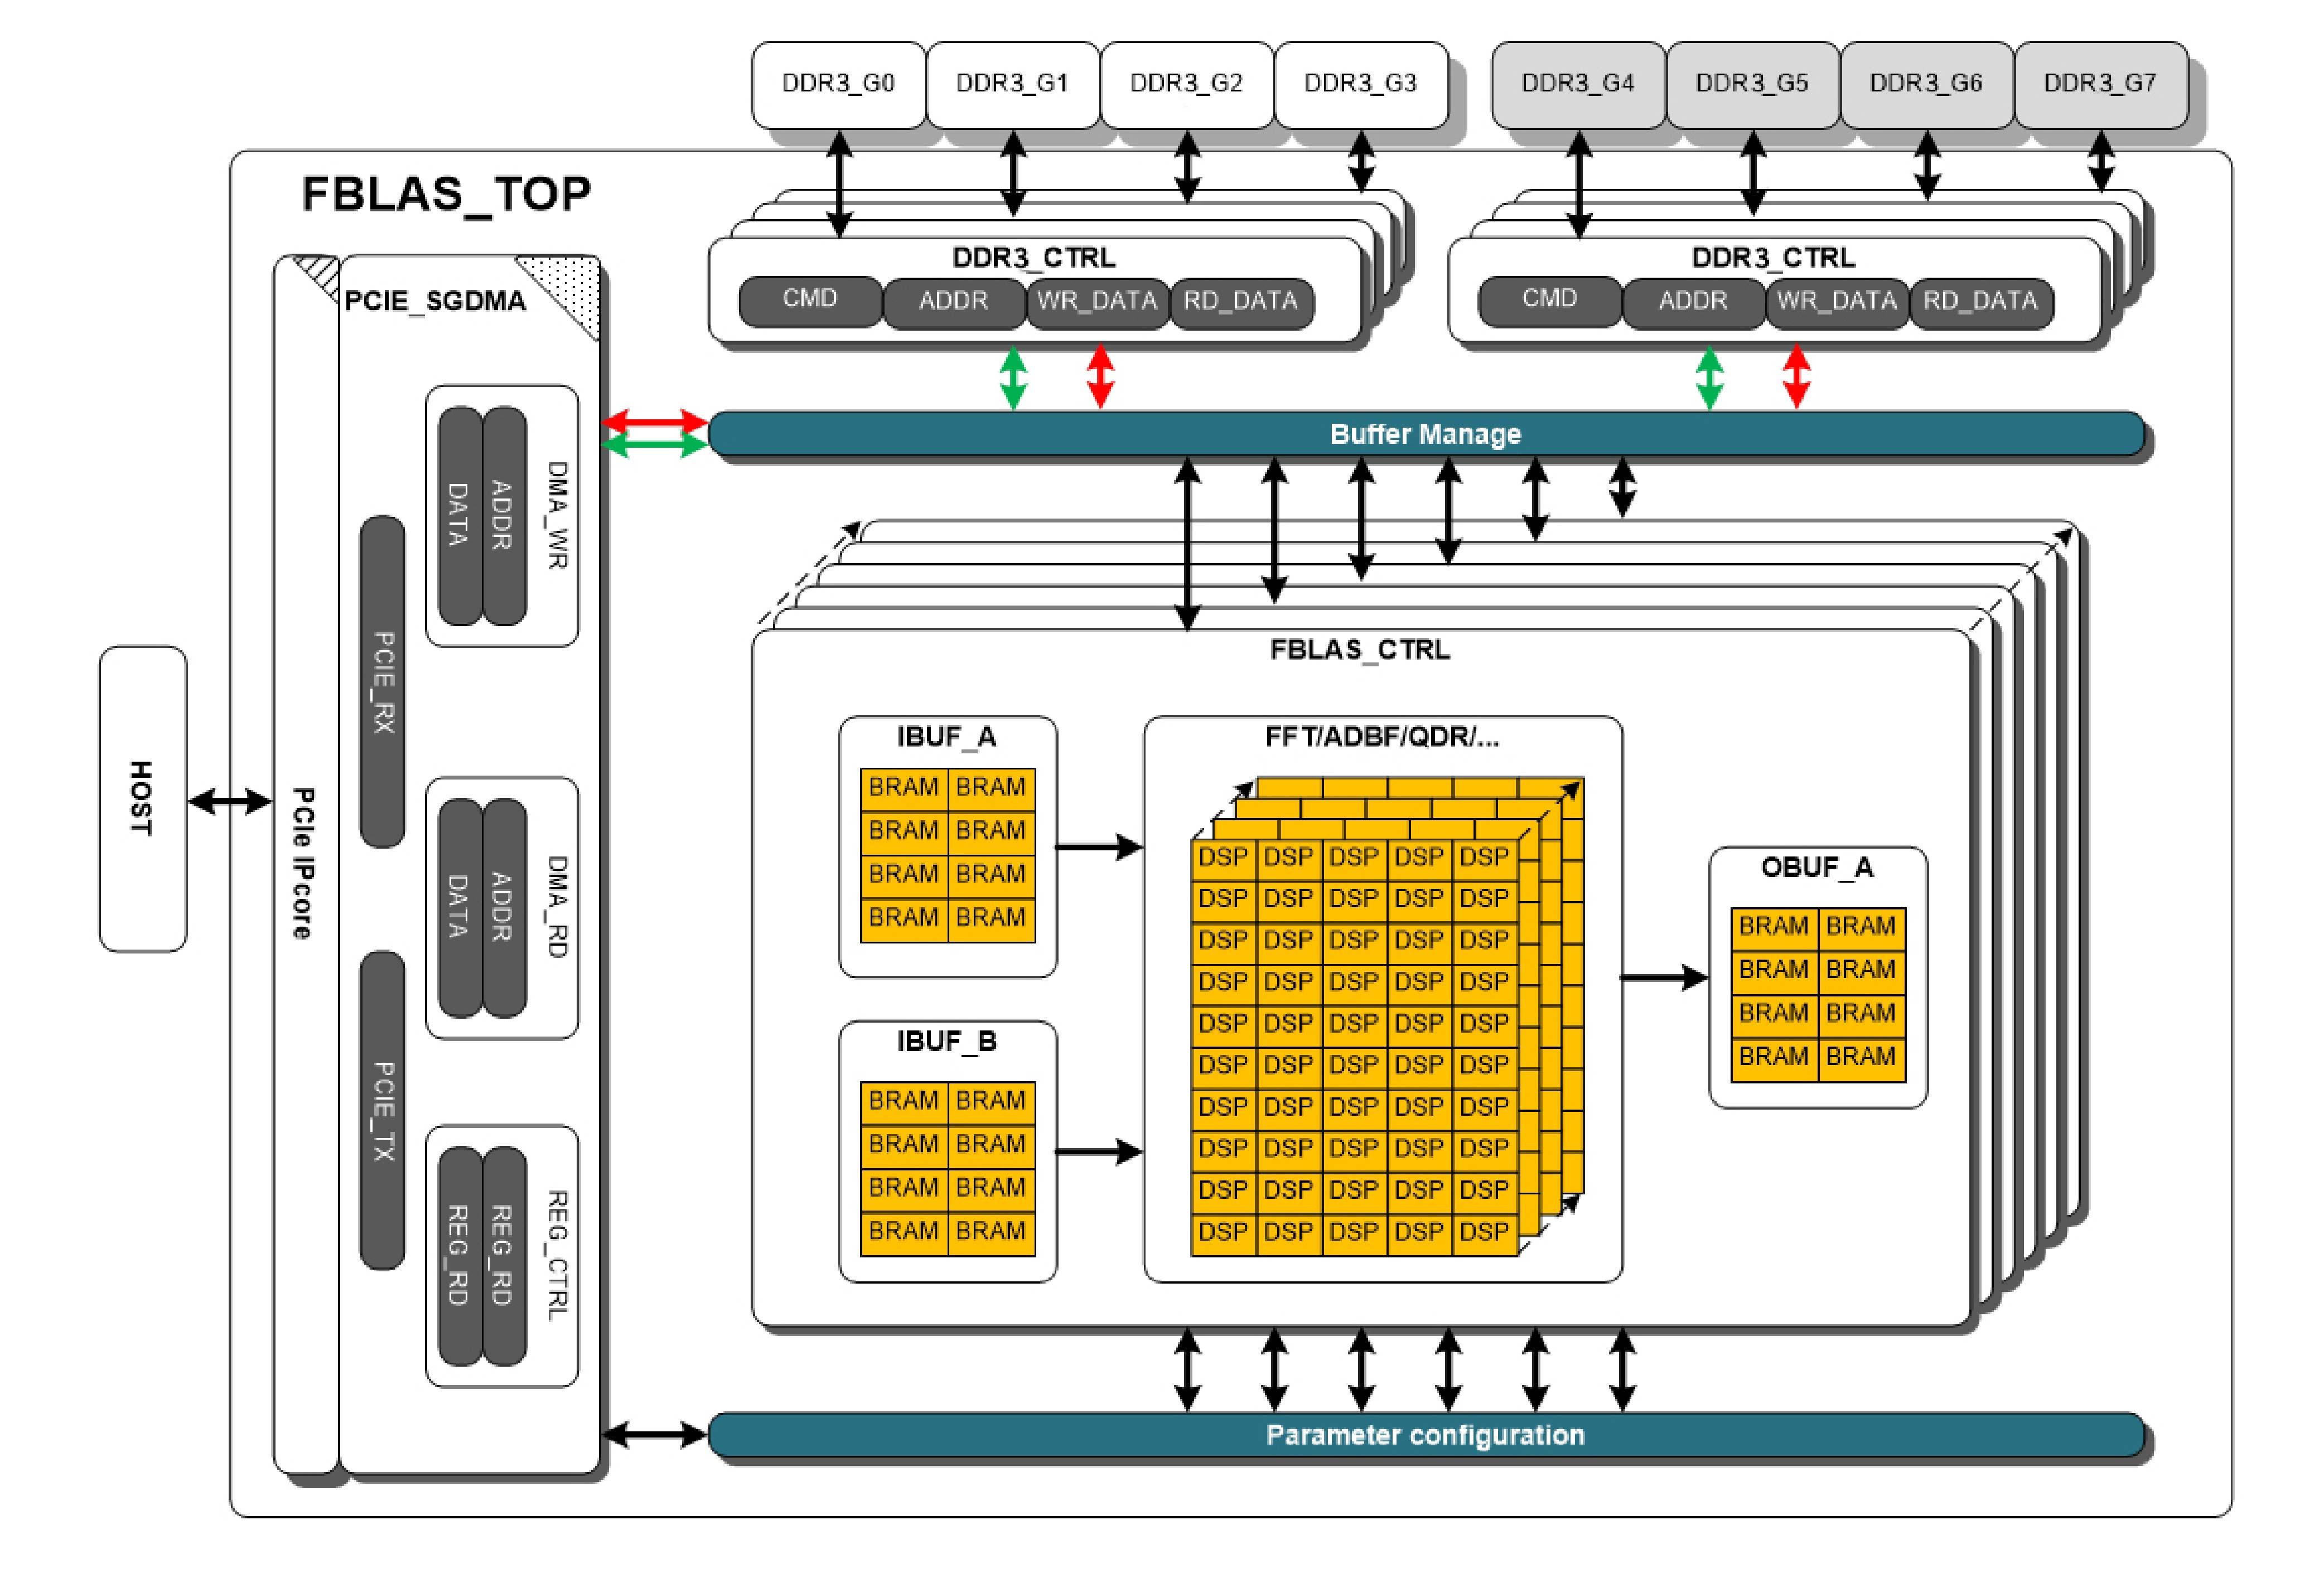 FBLAS IP介绍与性能数据